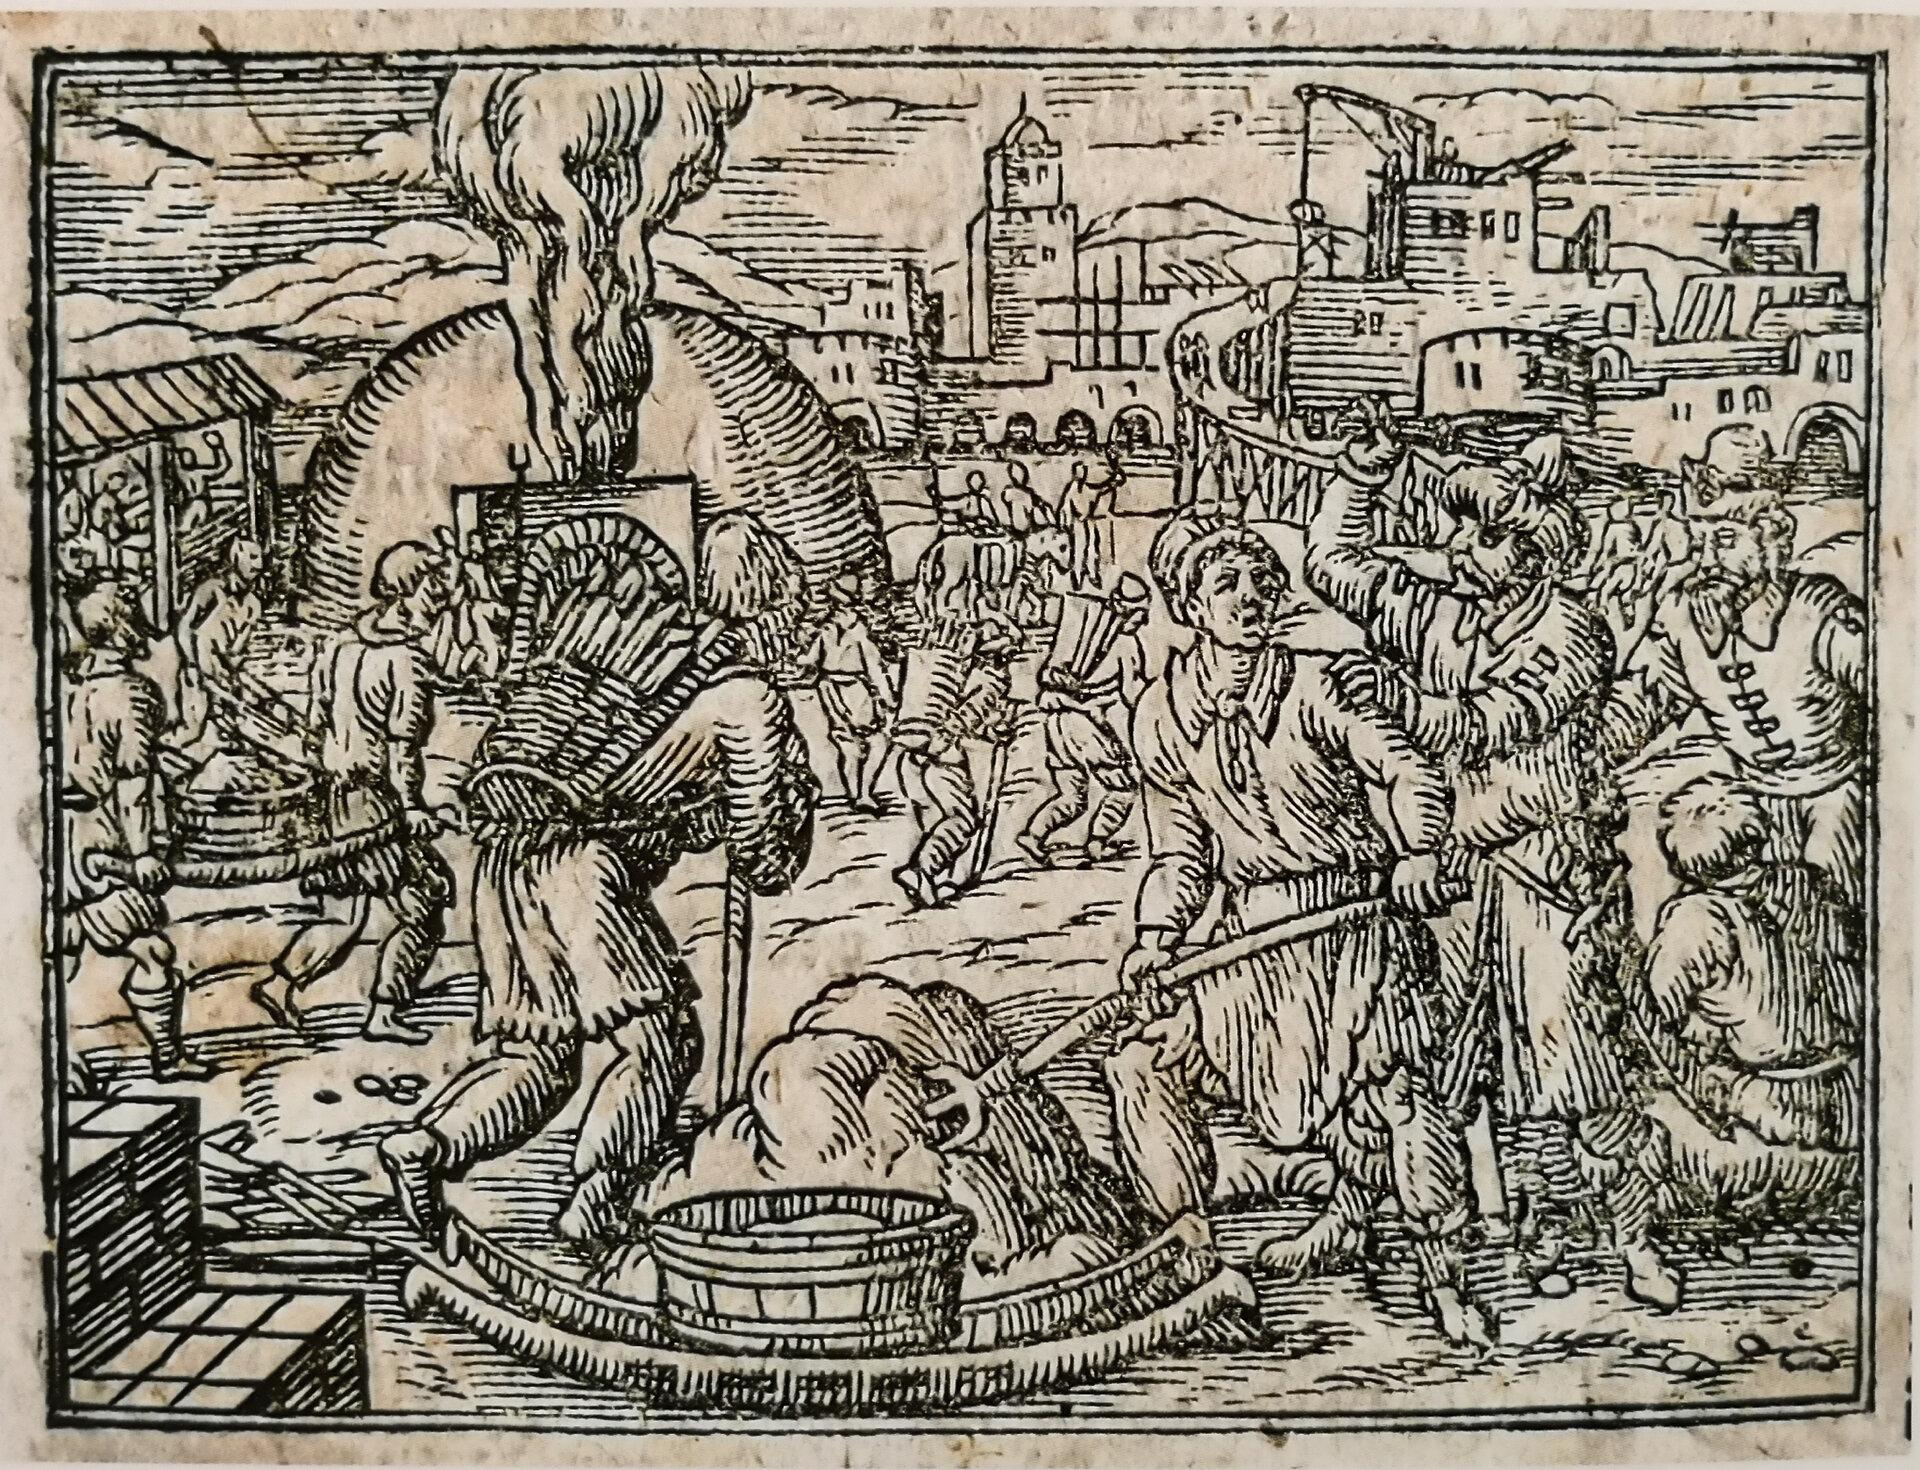 Phantasievolle Darstellung der Erbauung Pritzwalks aus Andreas Angelus, Annales Marchiae Brandenburgicae, 1598. Quelle: Illustrierte Geschichte Pritzwalks